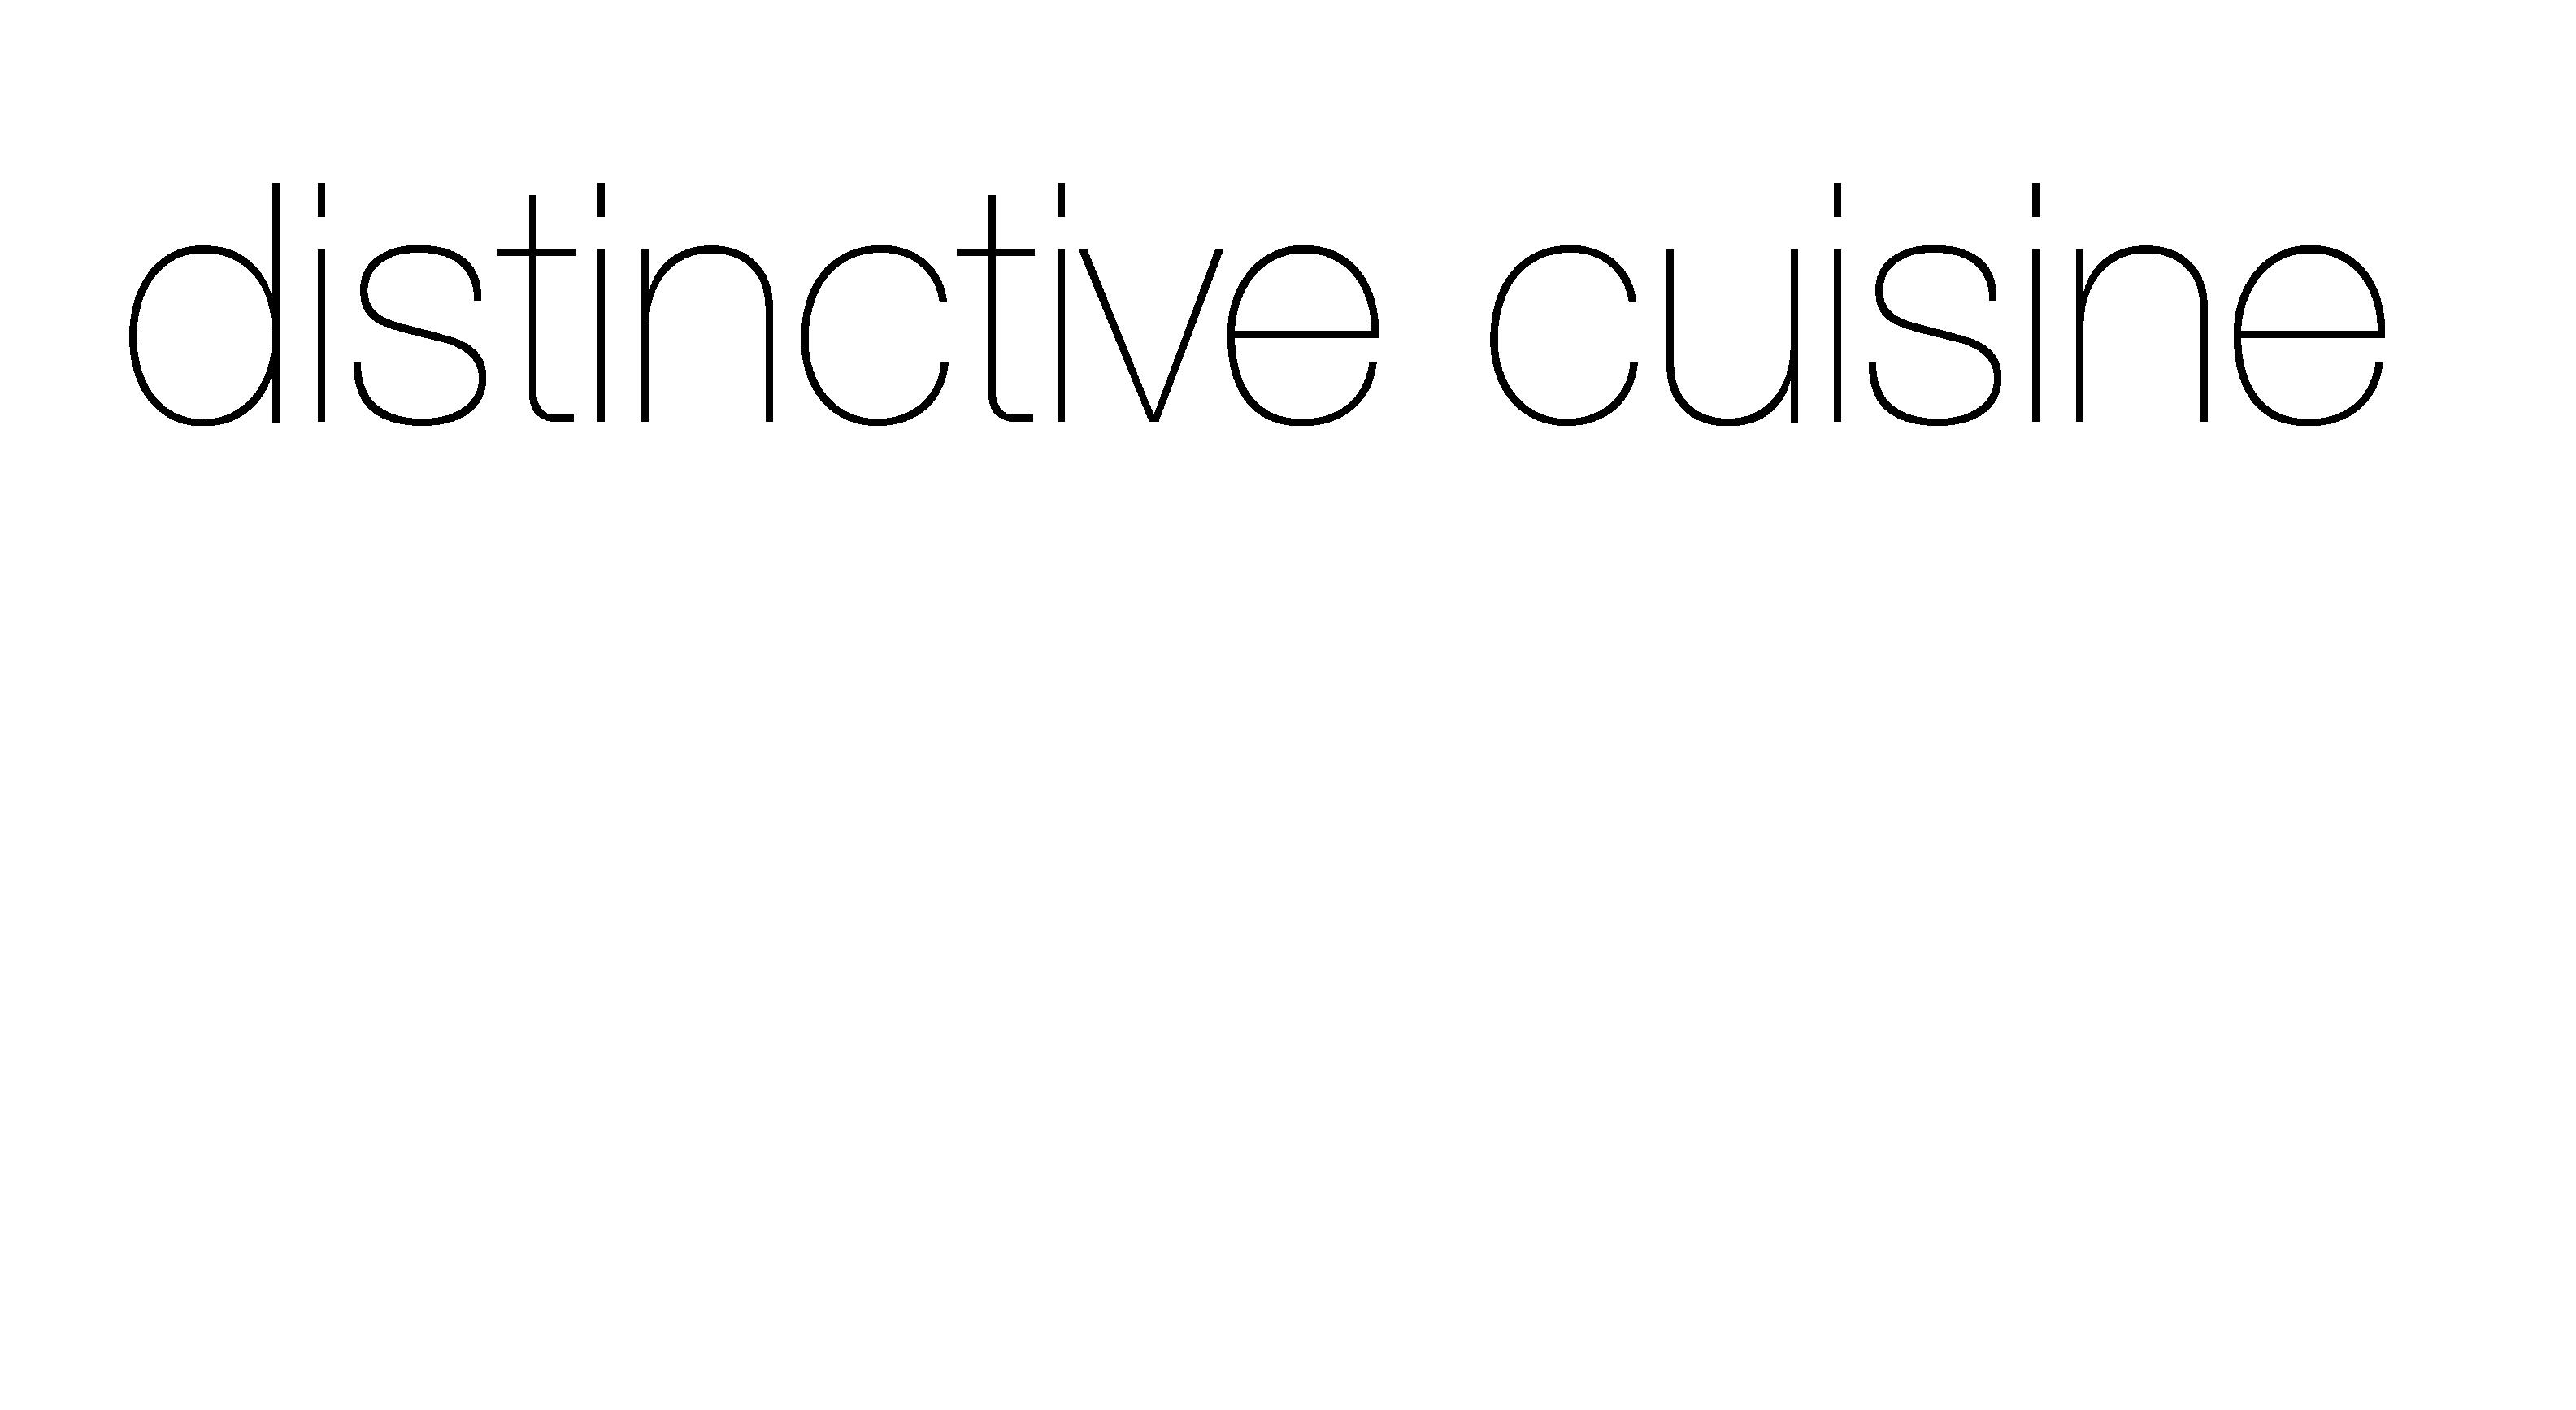 textslideone1-01